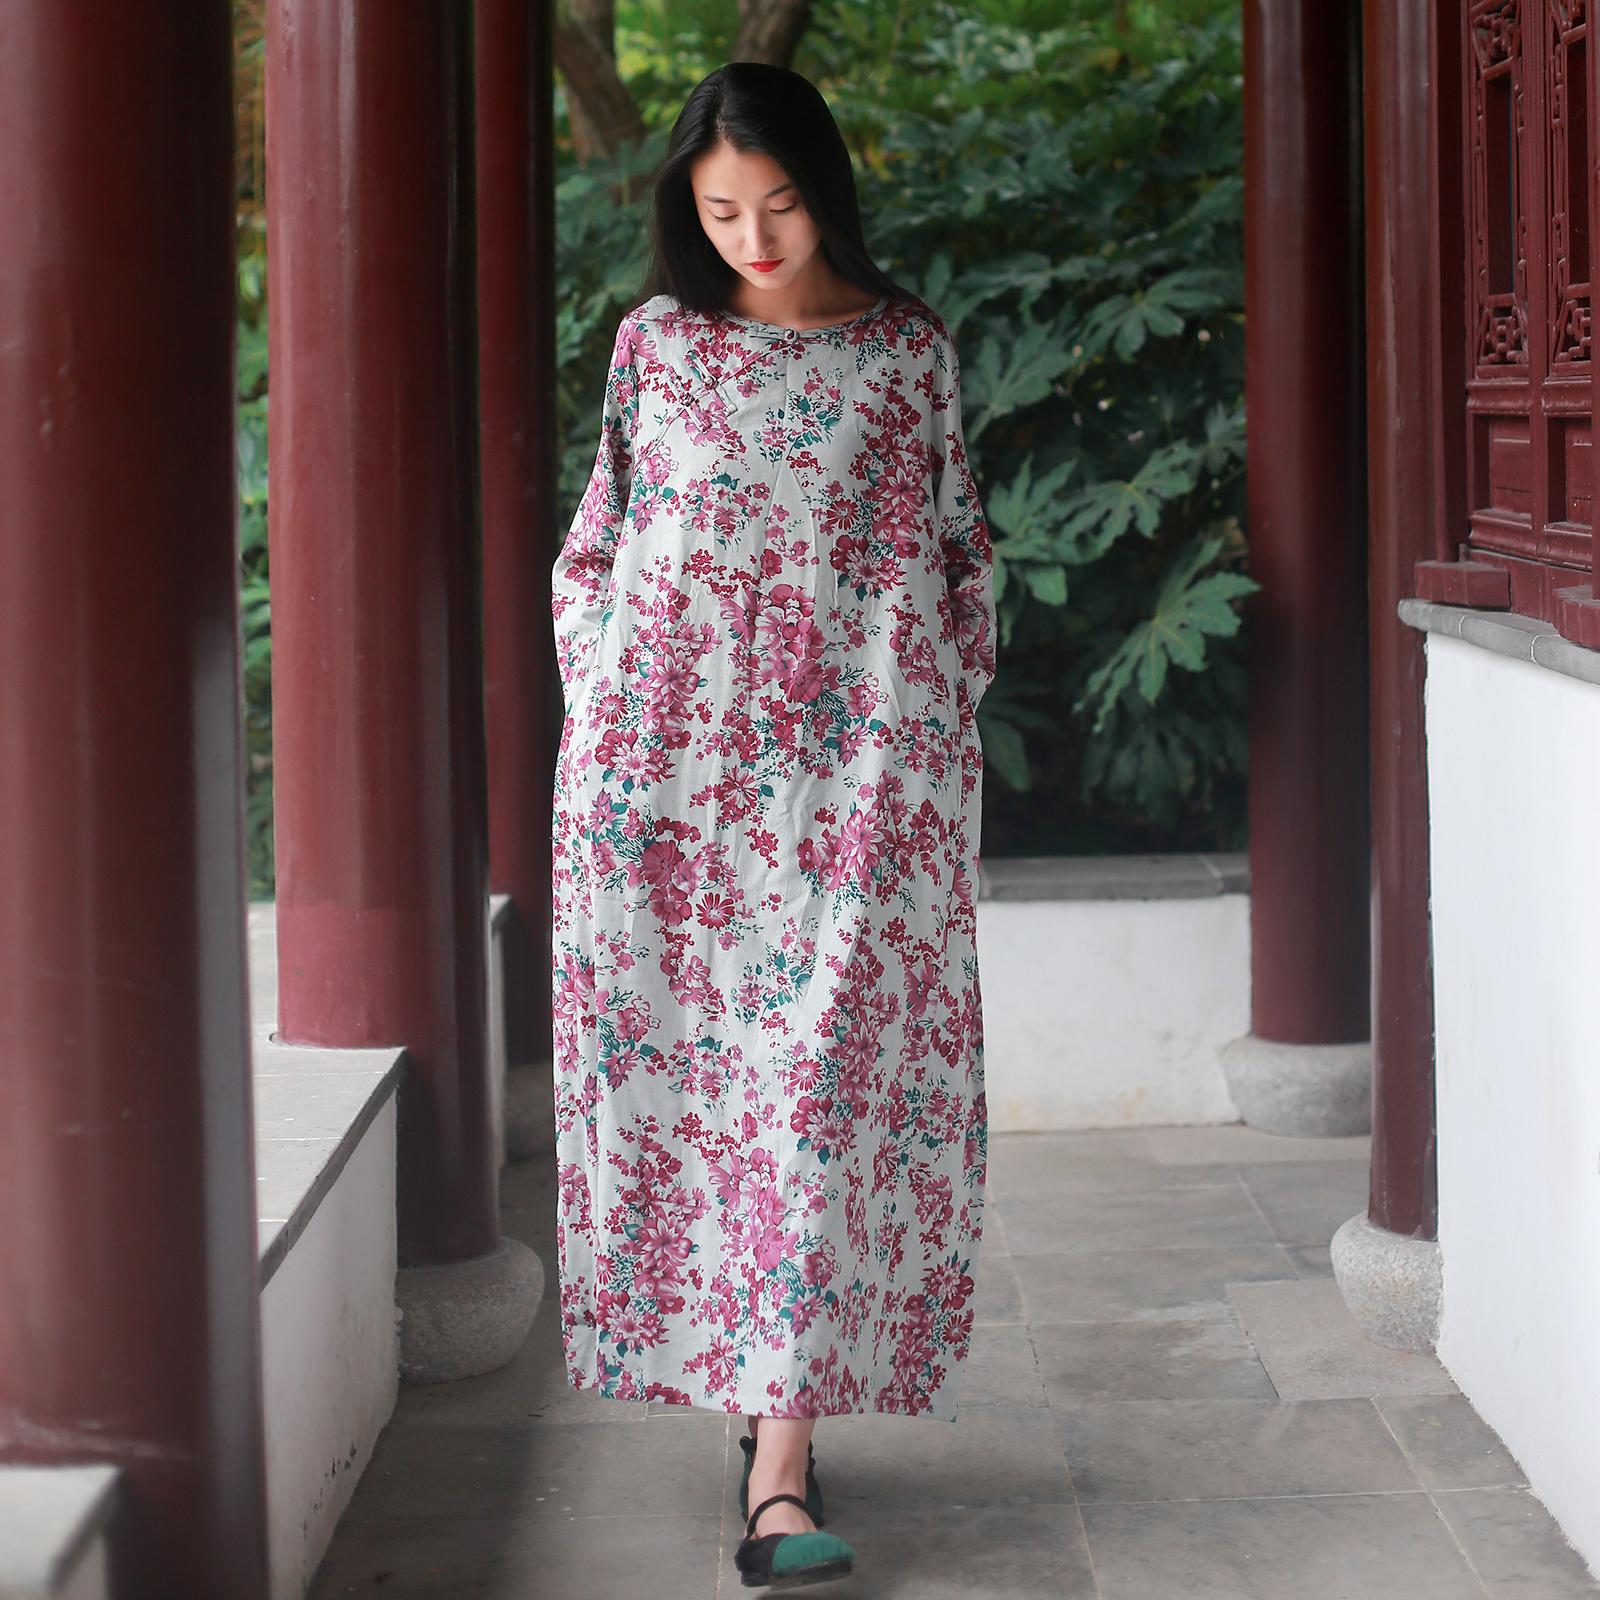 Cina tombol piring katun lengan panjang segar gaun biasa (Qinghui warna (camellia tombol bulat